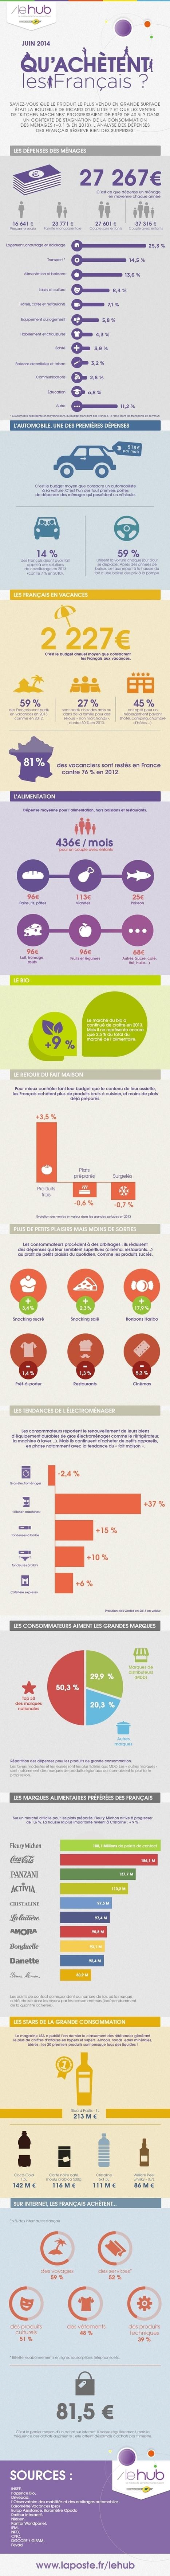 Le Hub de La Poste scanne les dépenses des français | e-marketing, curation, intelligence collective, SEM | Scoop.it